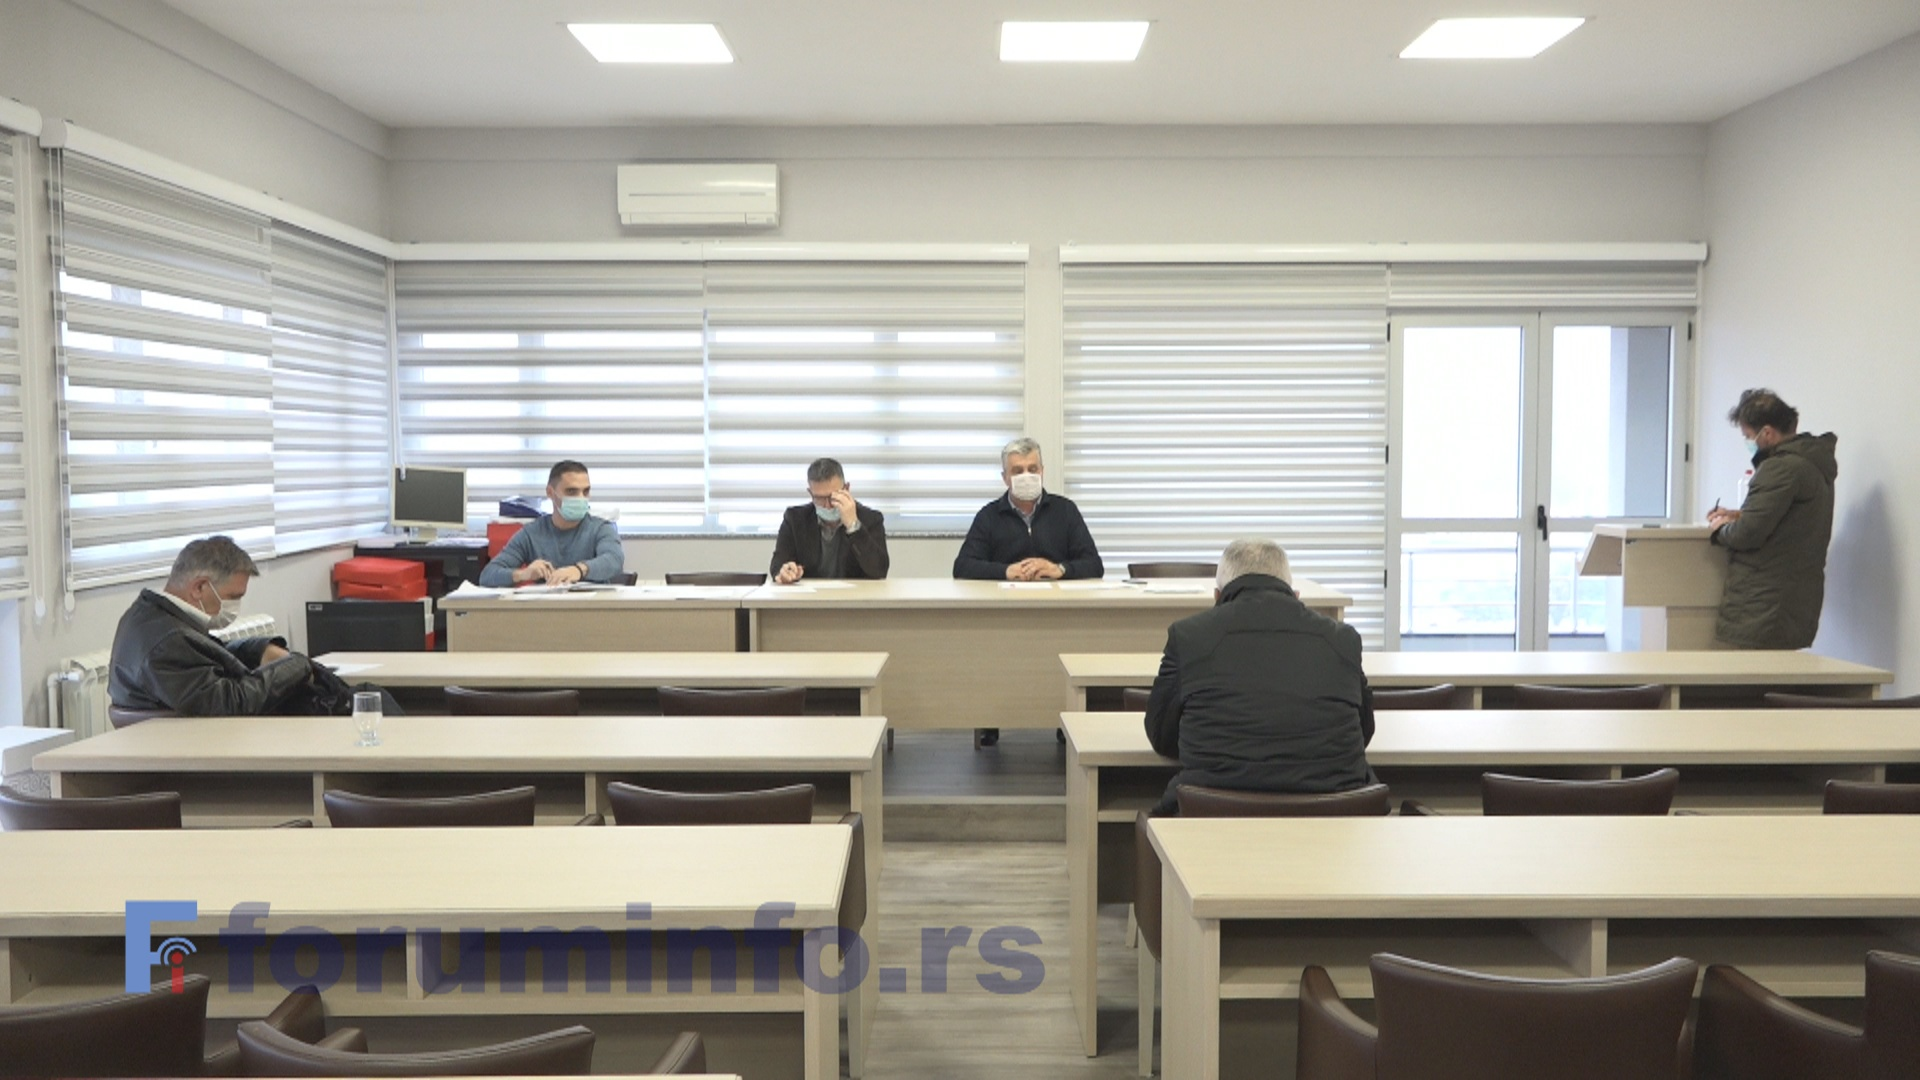 Др Изет Ђурђевић: Епидемиолошка ситуација у Пријепољу неповољна. Опрема се нова ковид амбуланта